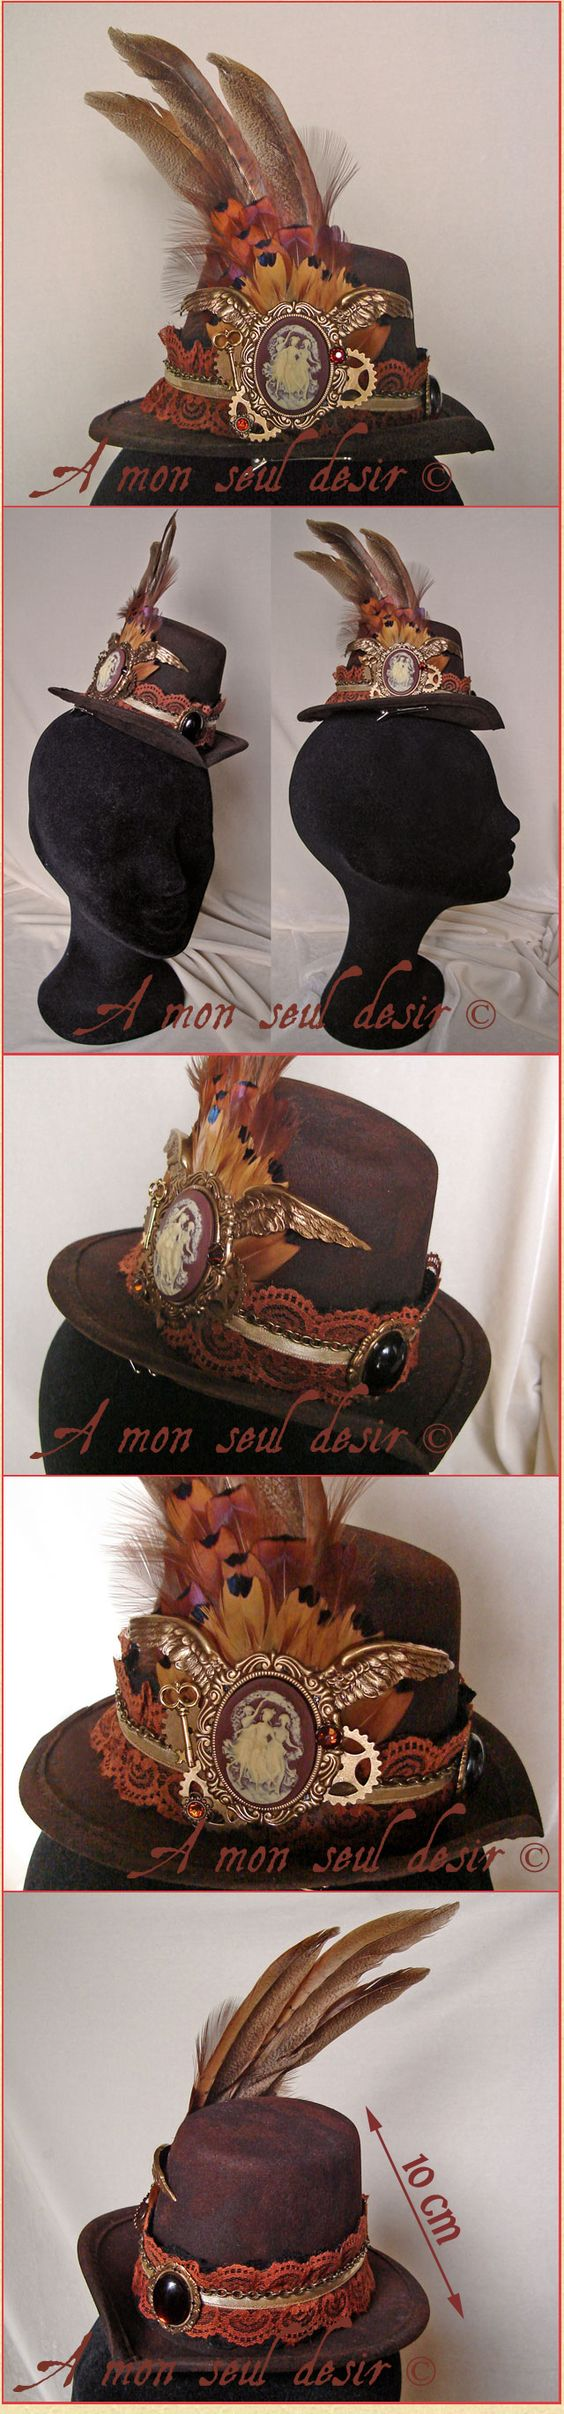 """A mon seul desir : Chapeau Steampunk Victorien Plumes de Faisan camée ailes bronzes rouages dentelle marron cameo steampunk feather hat """"Les..."""